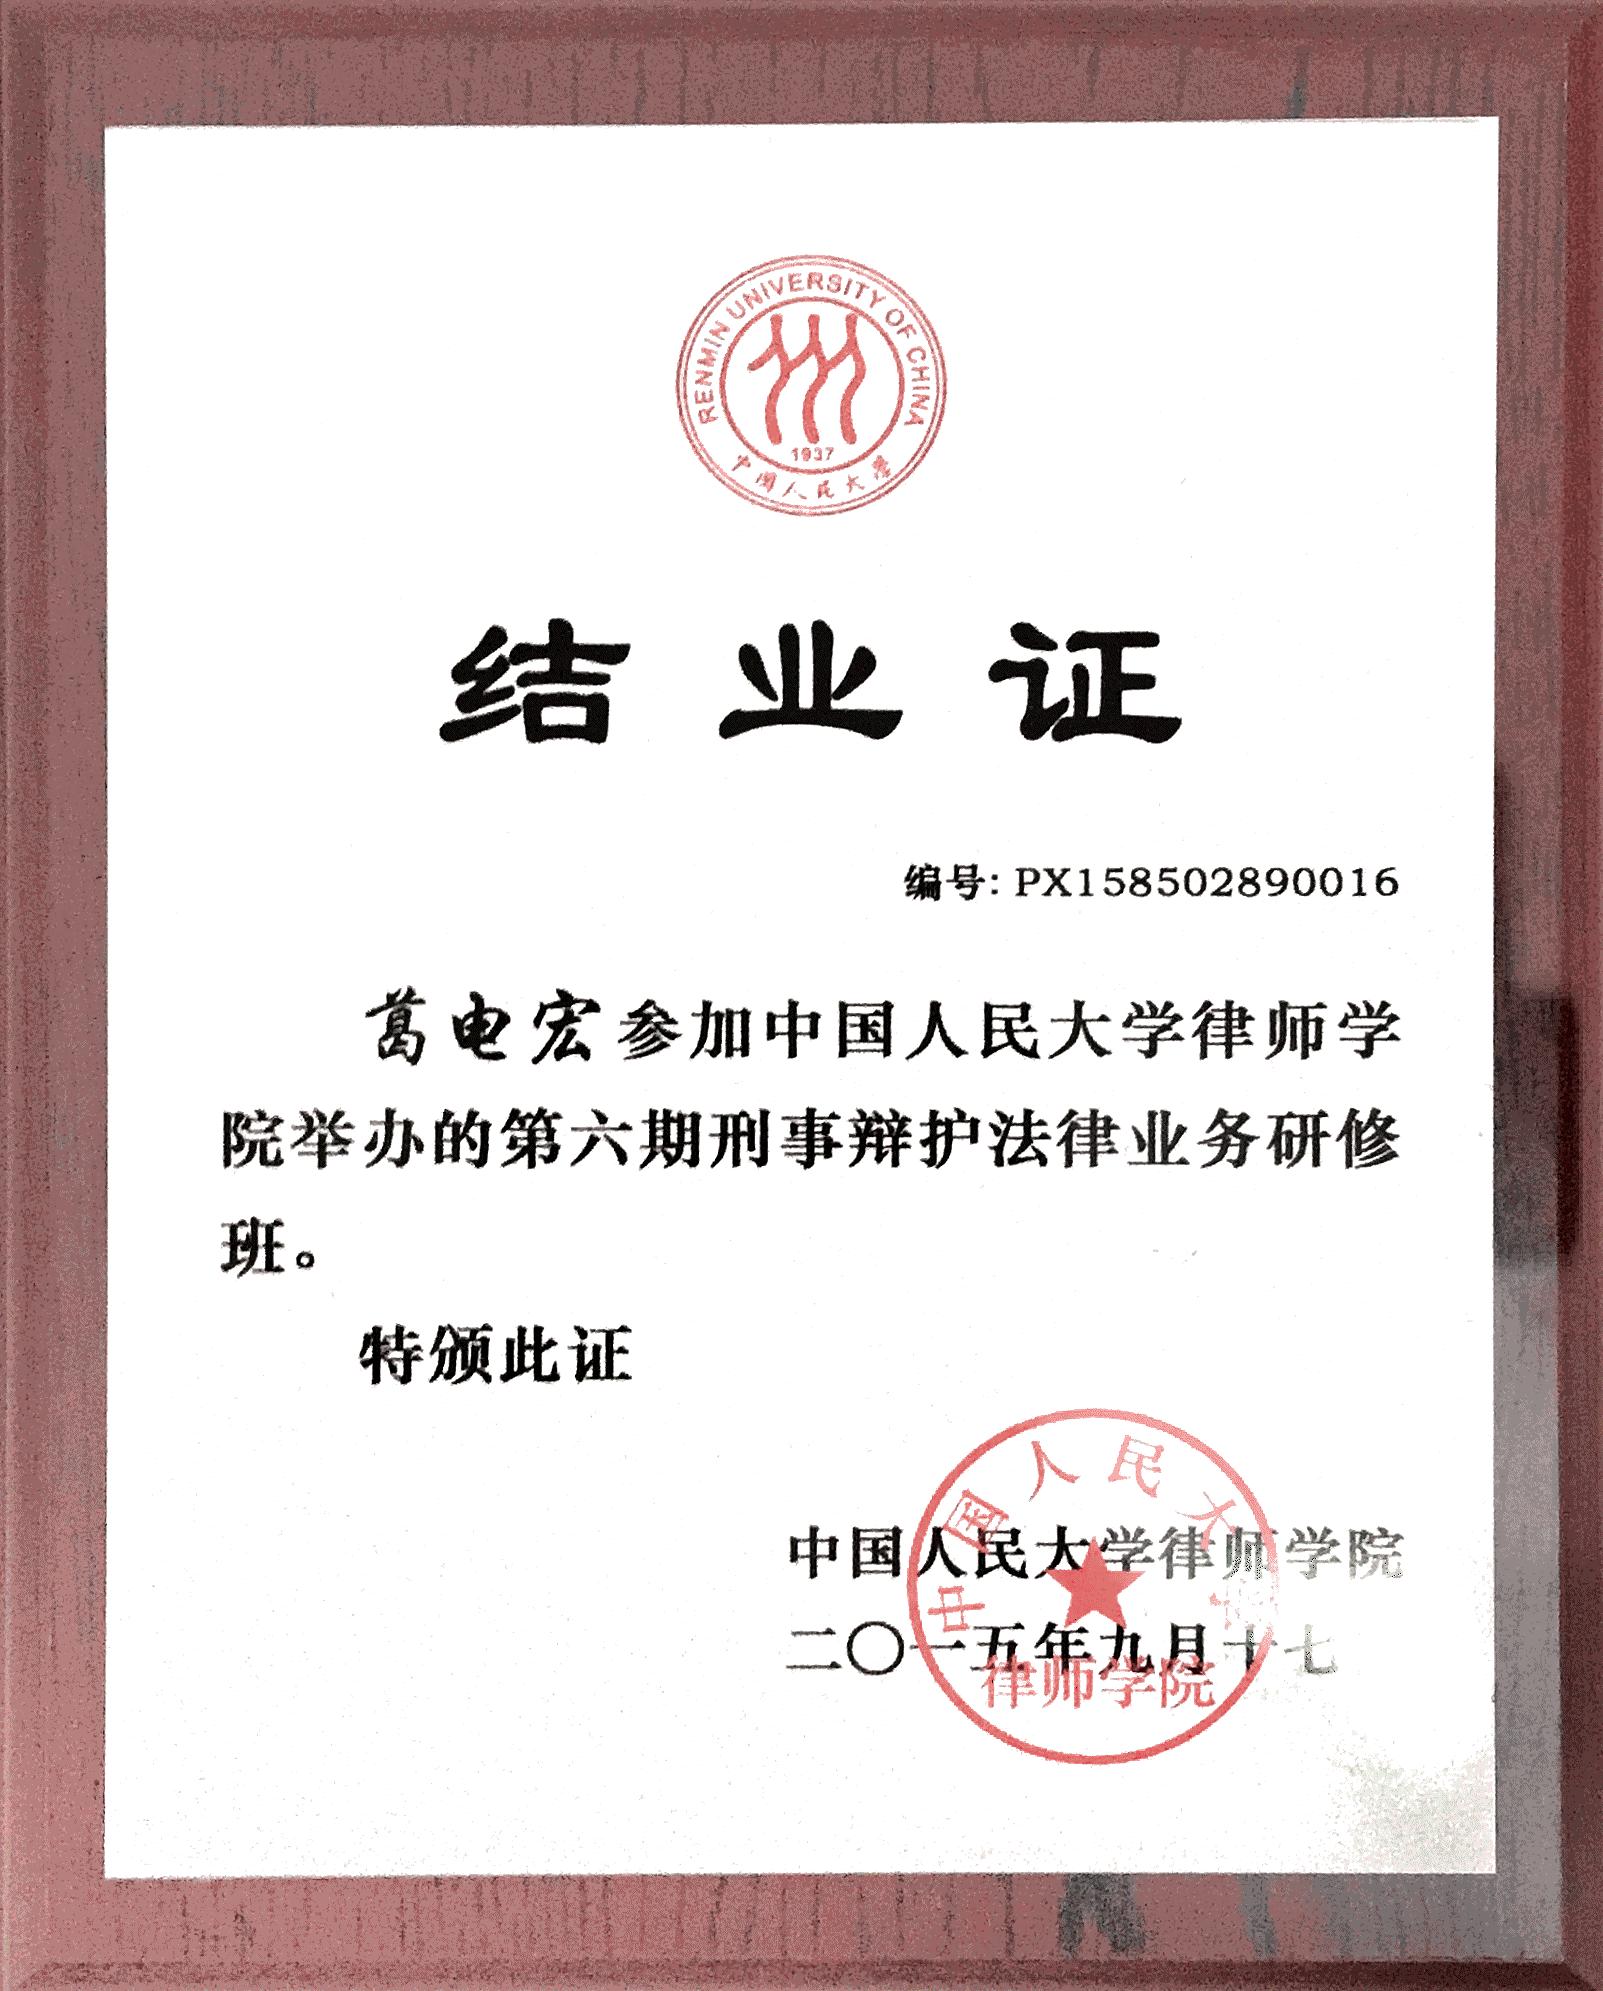 葛电宏律师参加人大刑事辩护法律业务研修班结业证书